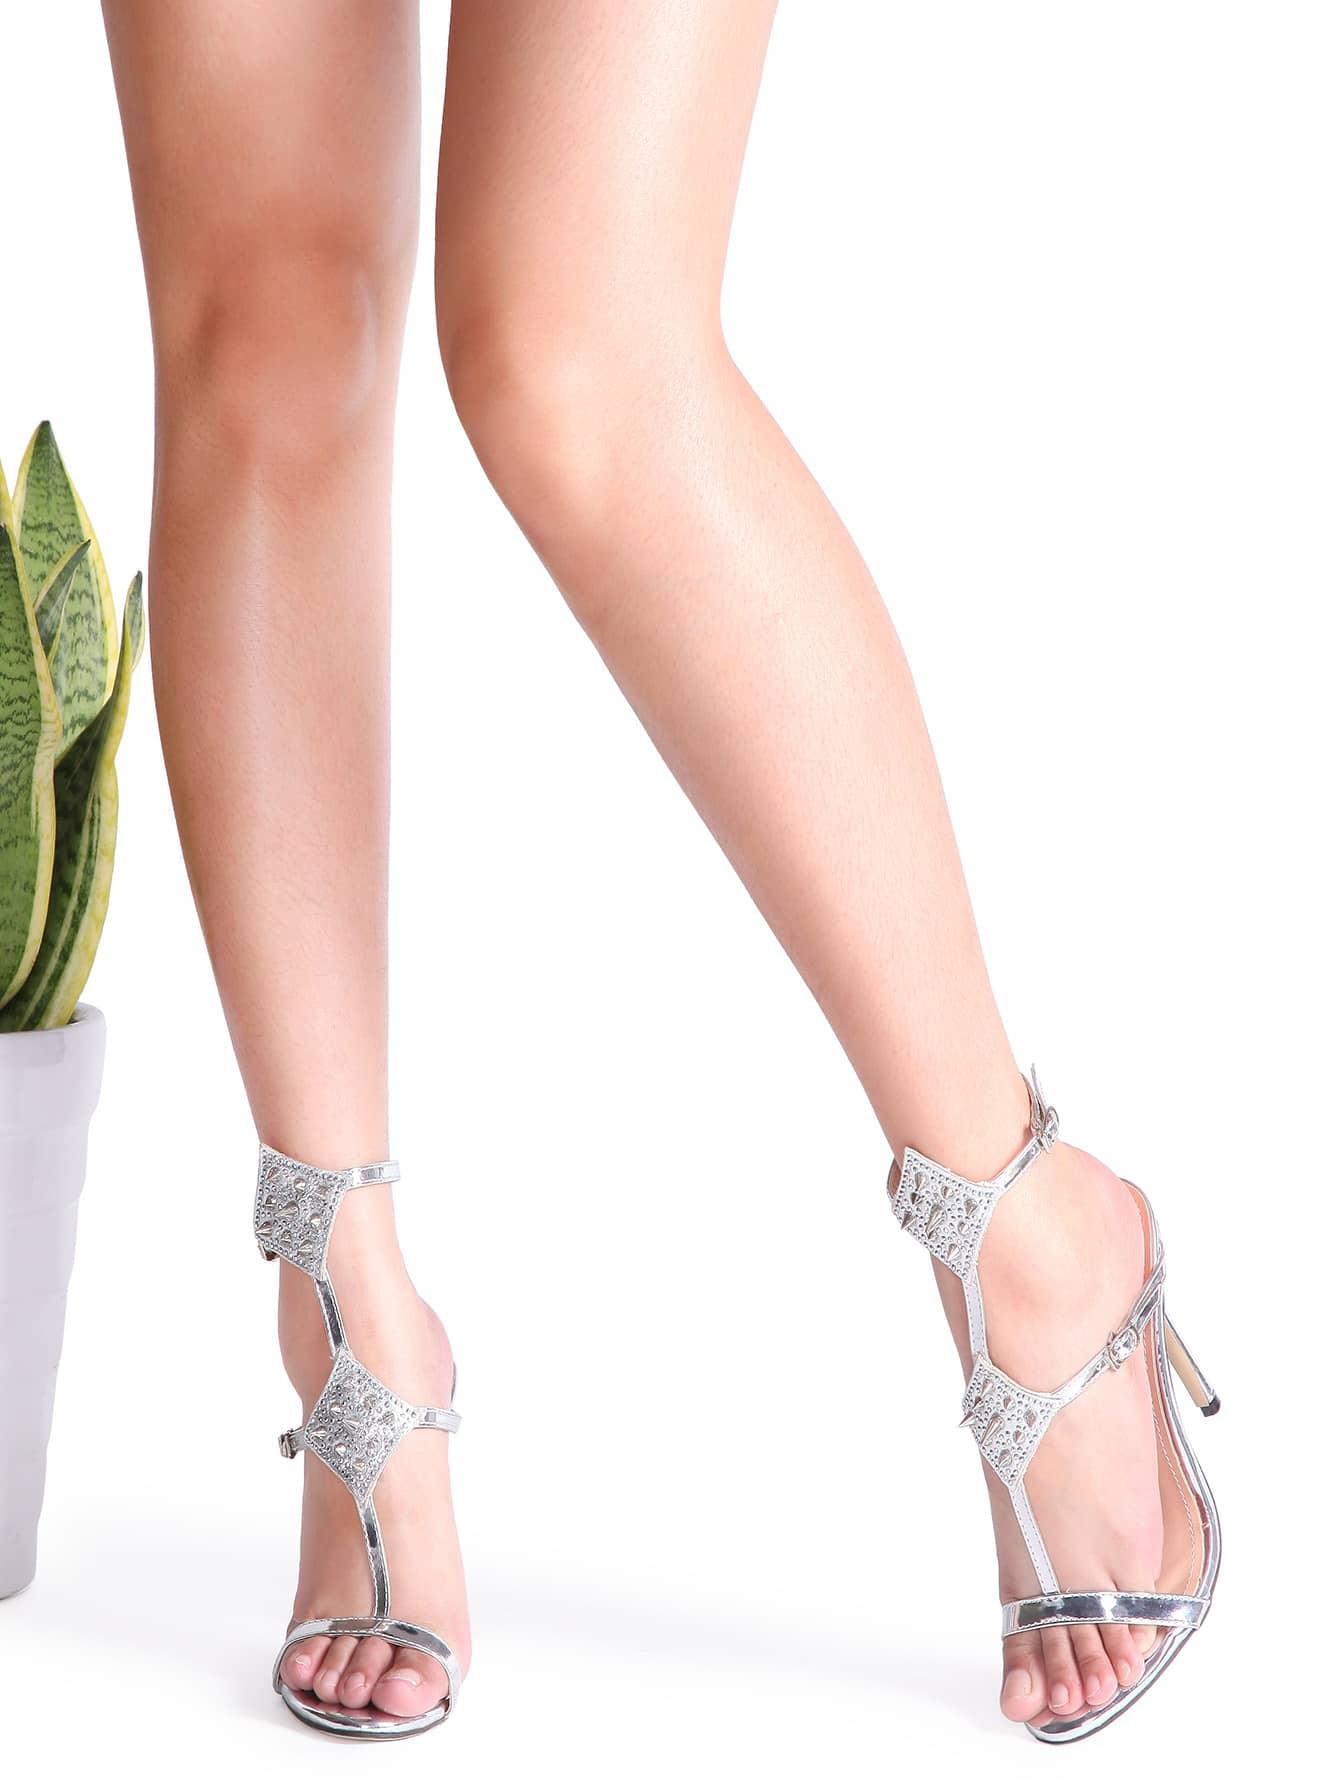 shoes170209810_2